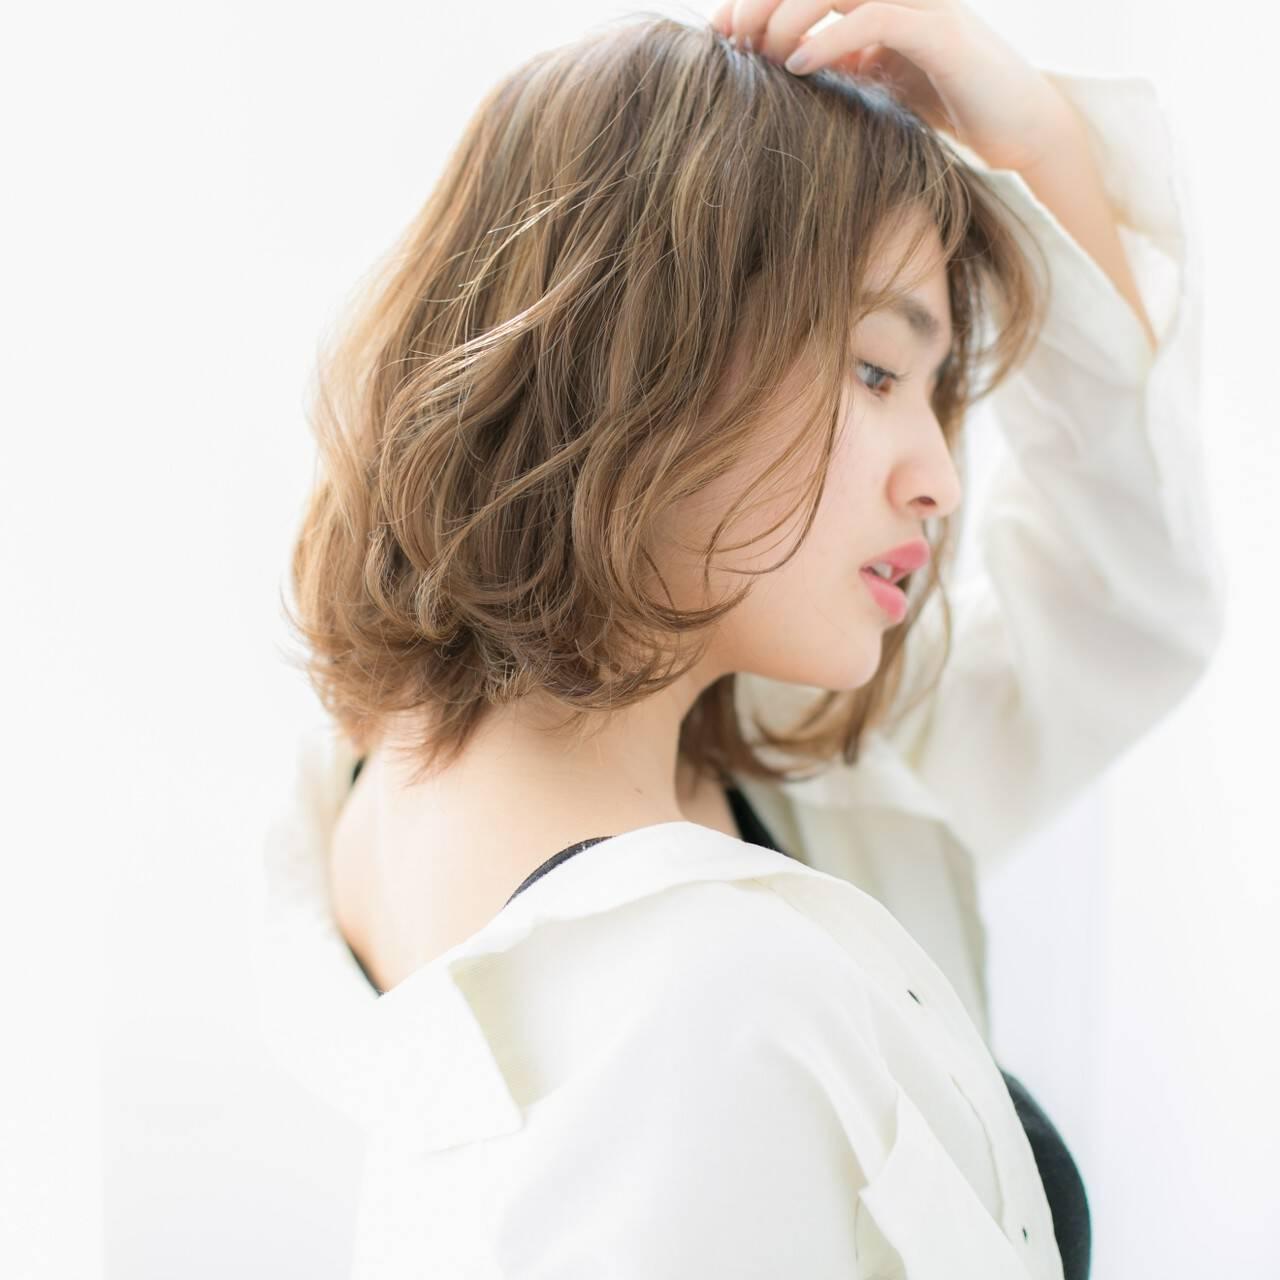 ナチュラル ショート ロブ 前髪ありヘアスタイルや髪型の写真・画像